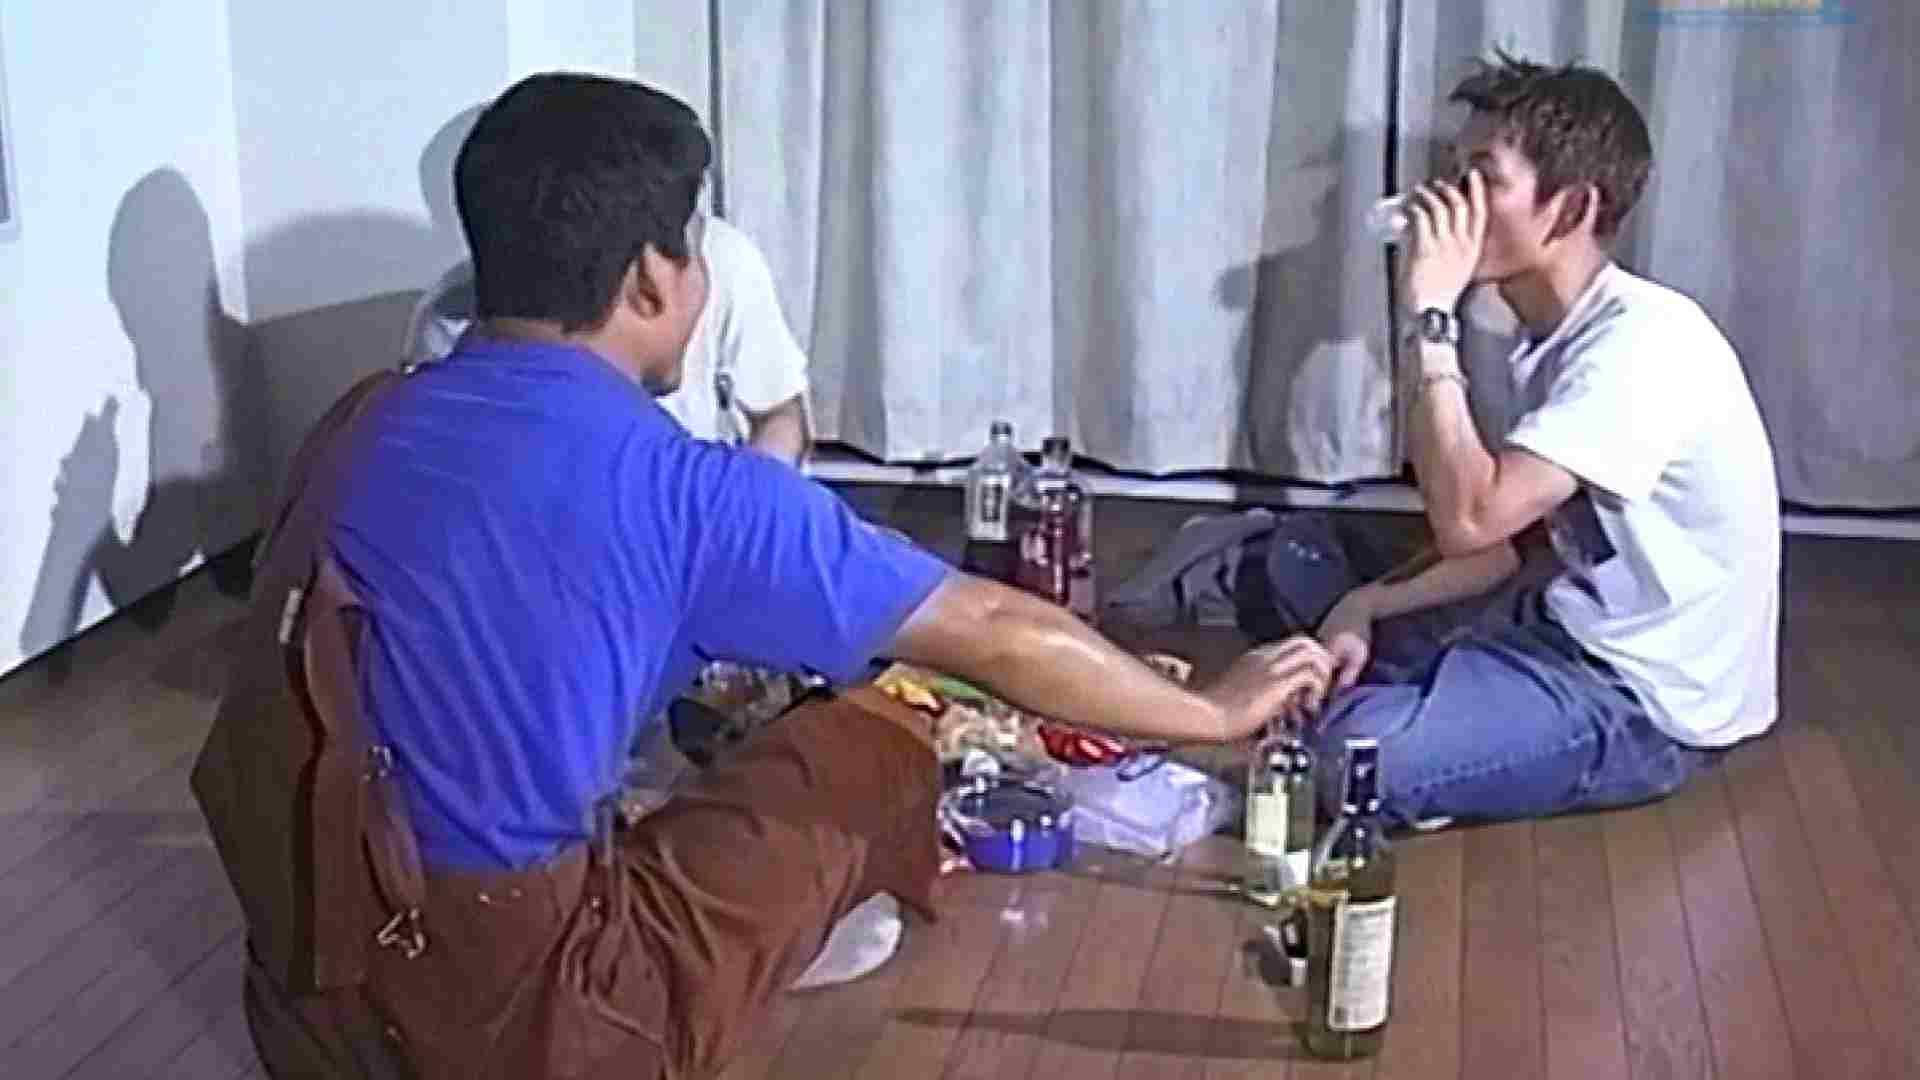 ヤリヤリ野郎共倶楽部vol.13前編 3P | 男天国  77pic 23